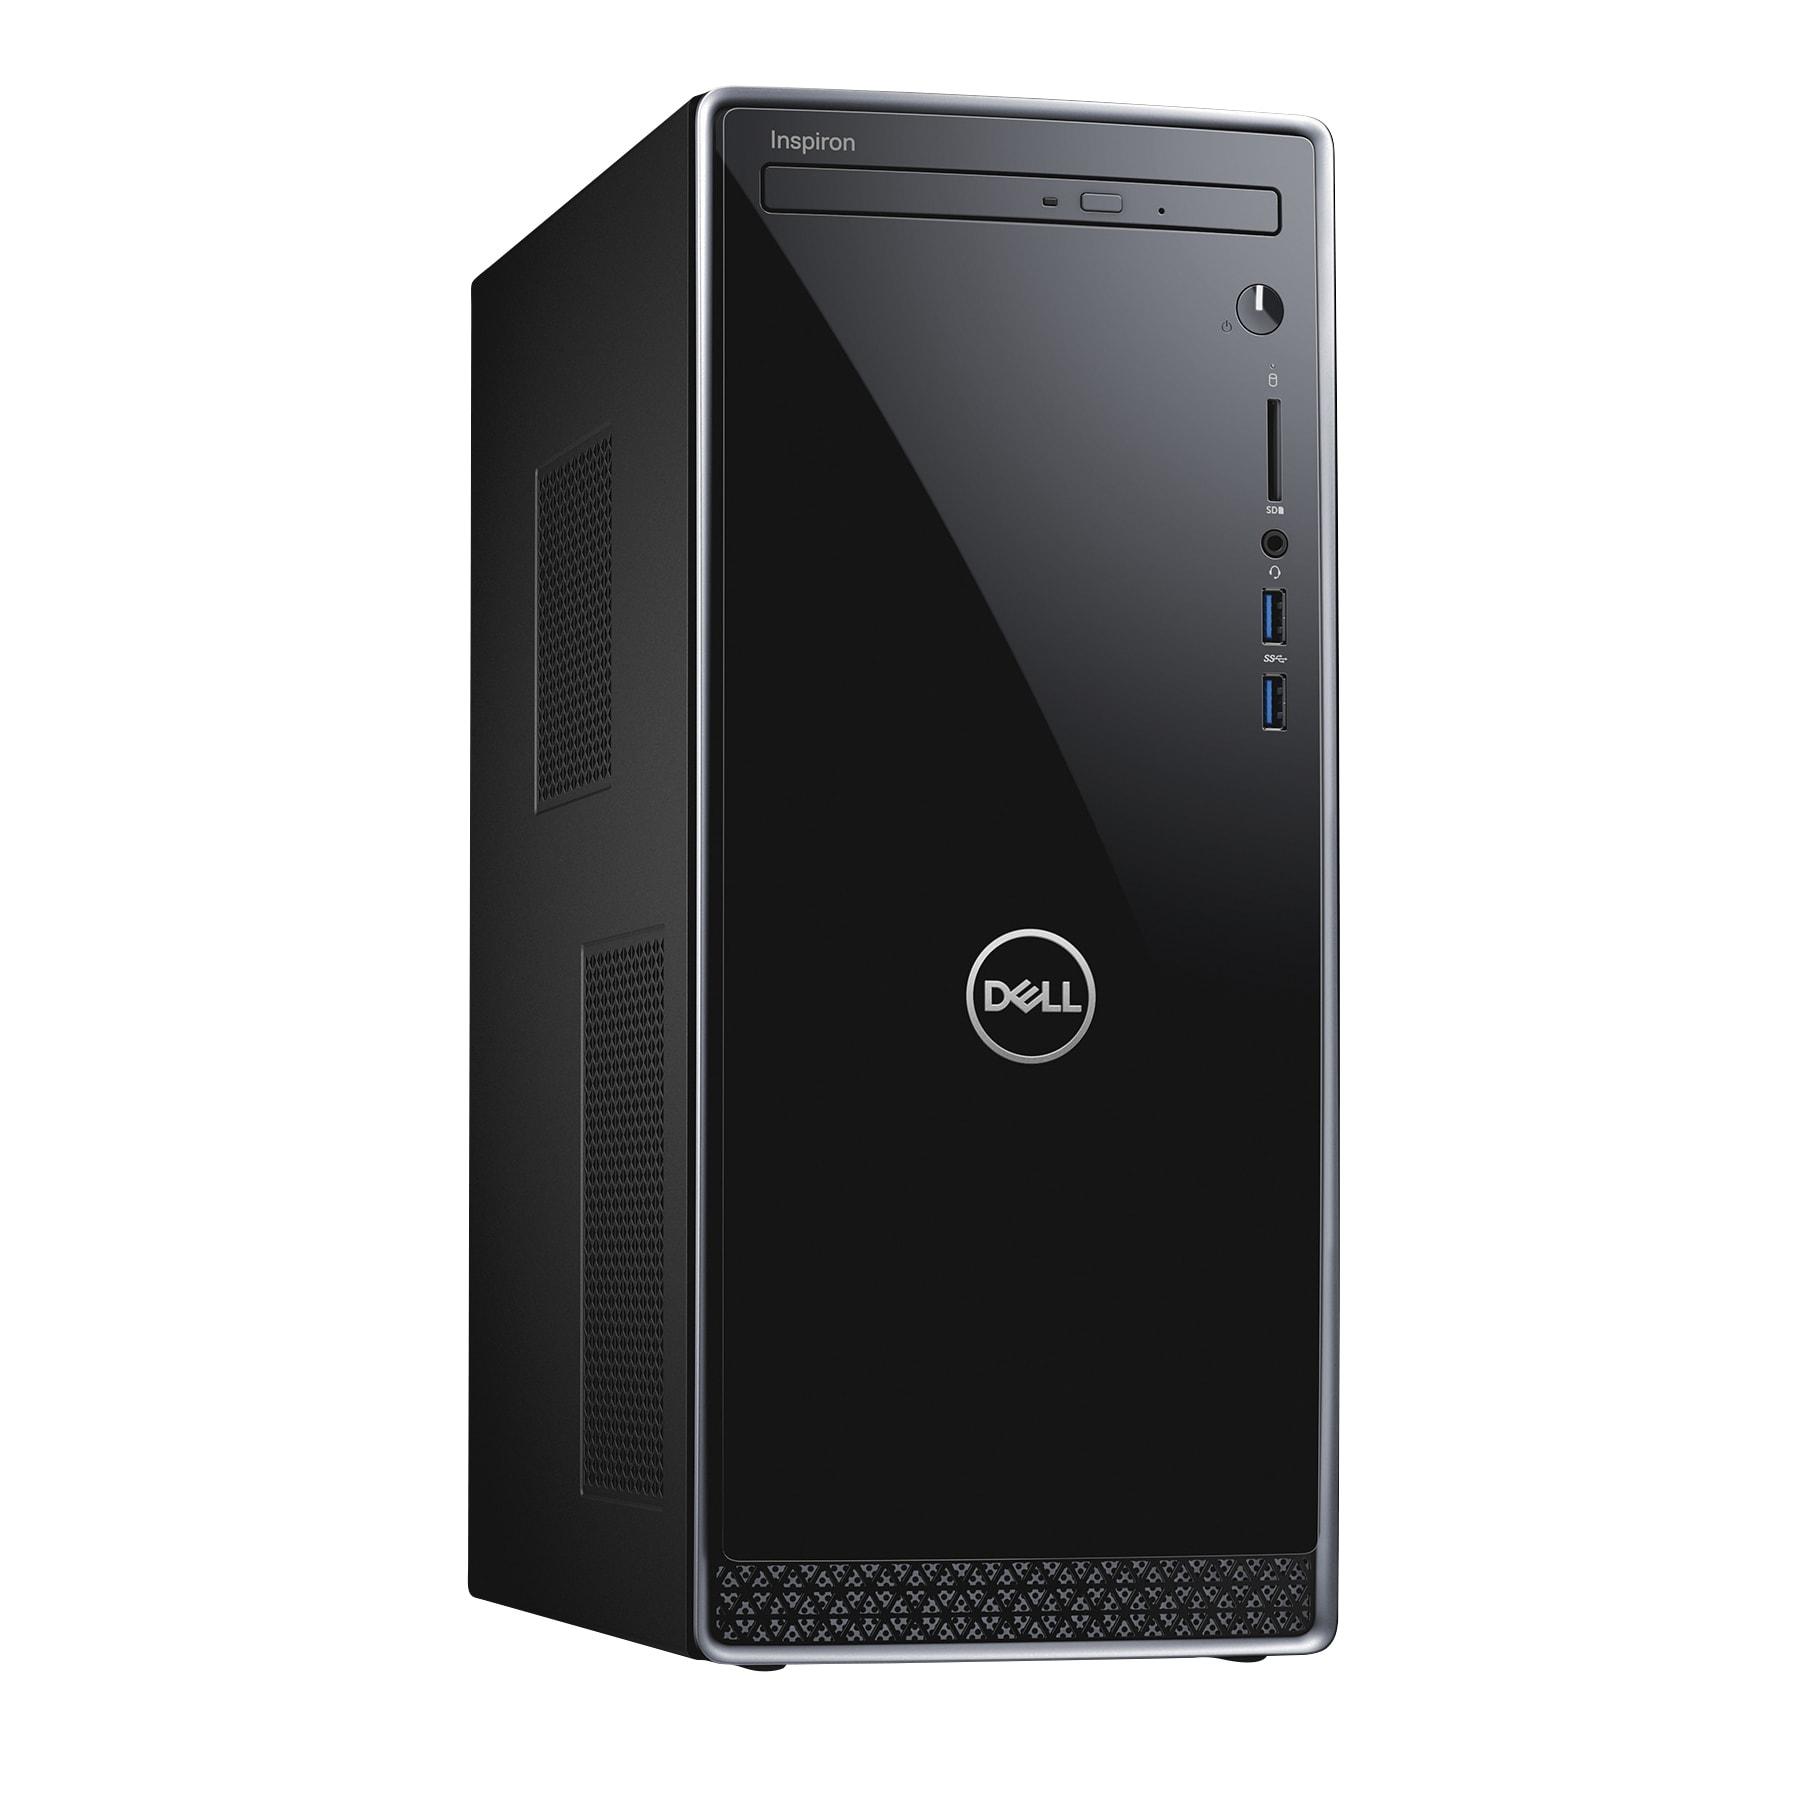 Dell™ Inspiron 3670 Desktop PC, 8th Gen Intel® Core™ i3, 8GB Memory, 1TB Hard Drive, Windows® 10 Home